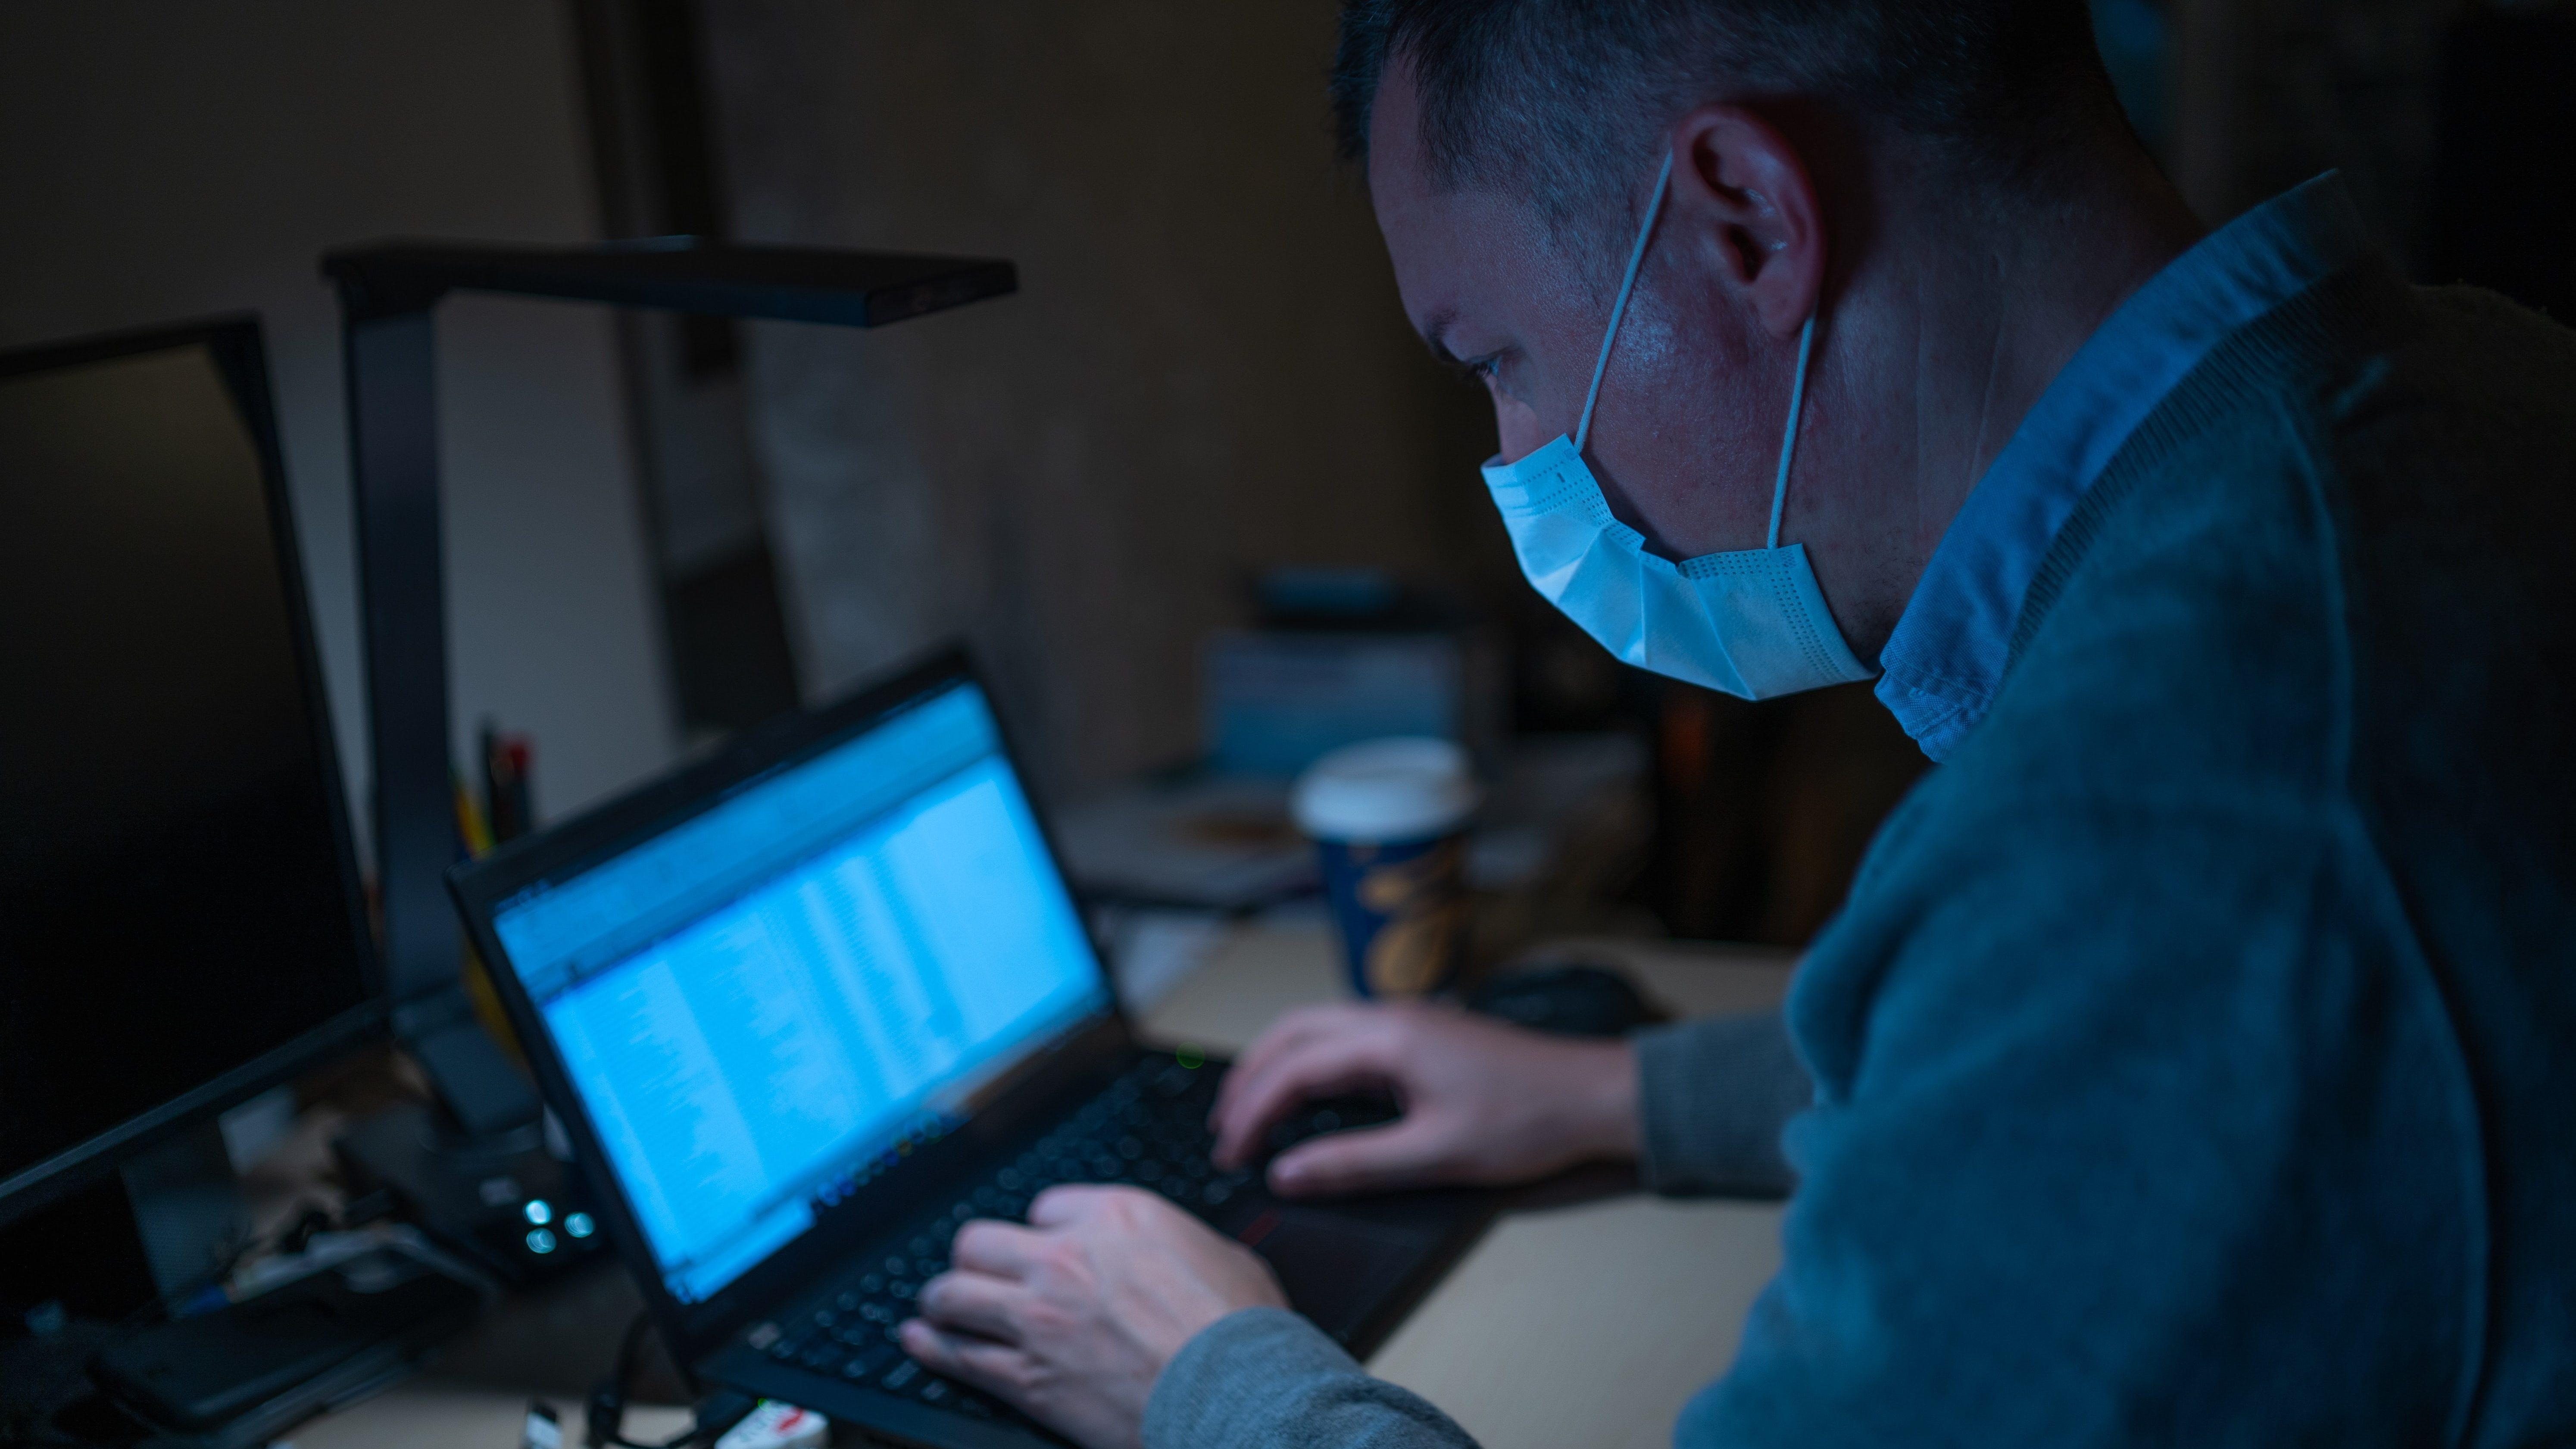 Le coronavirus peut-il provoquer un krach boursier?